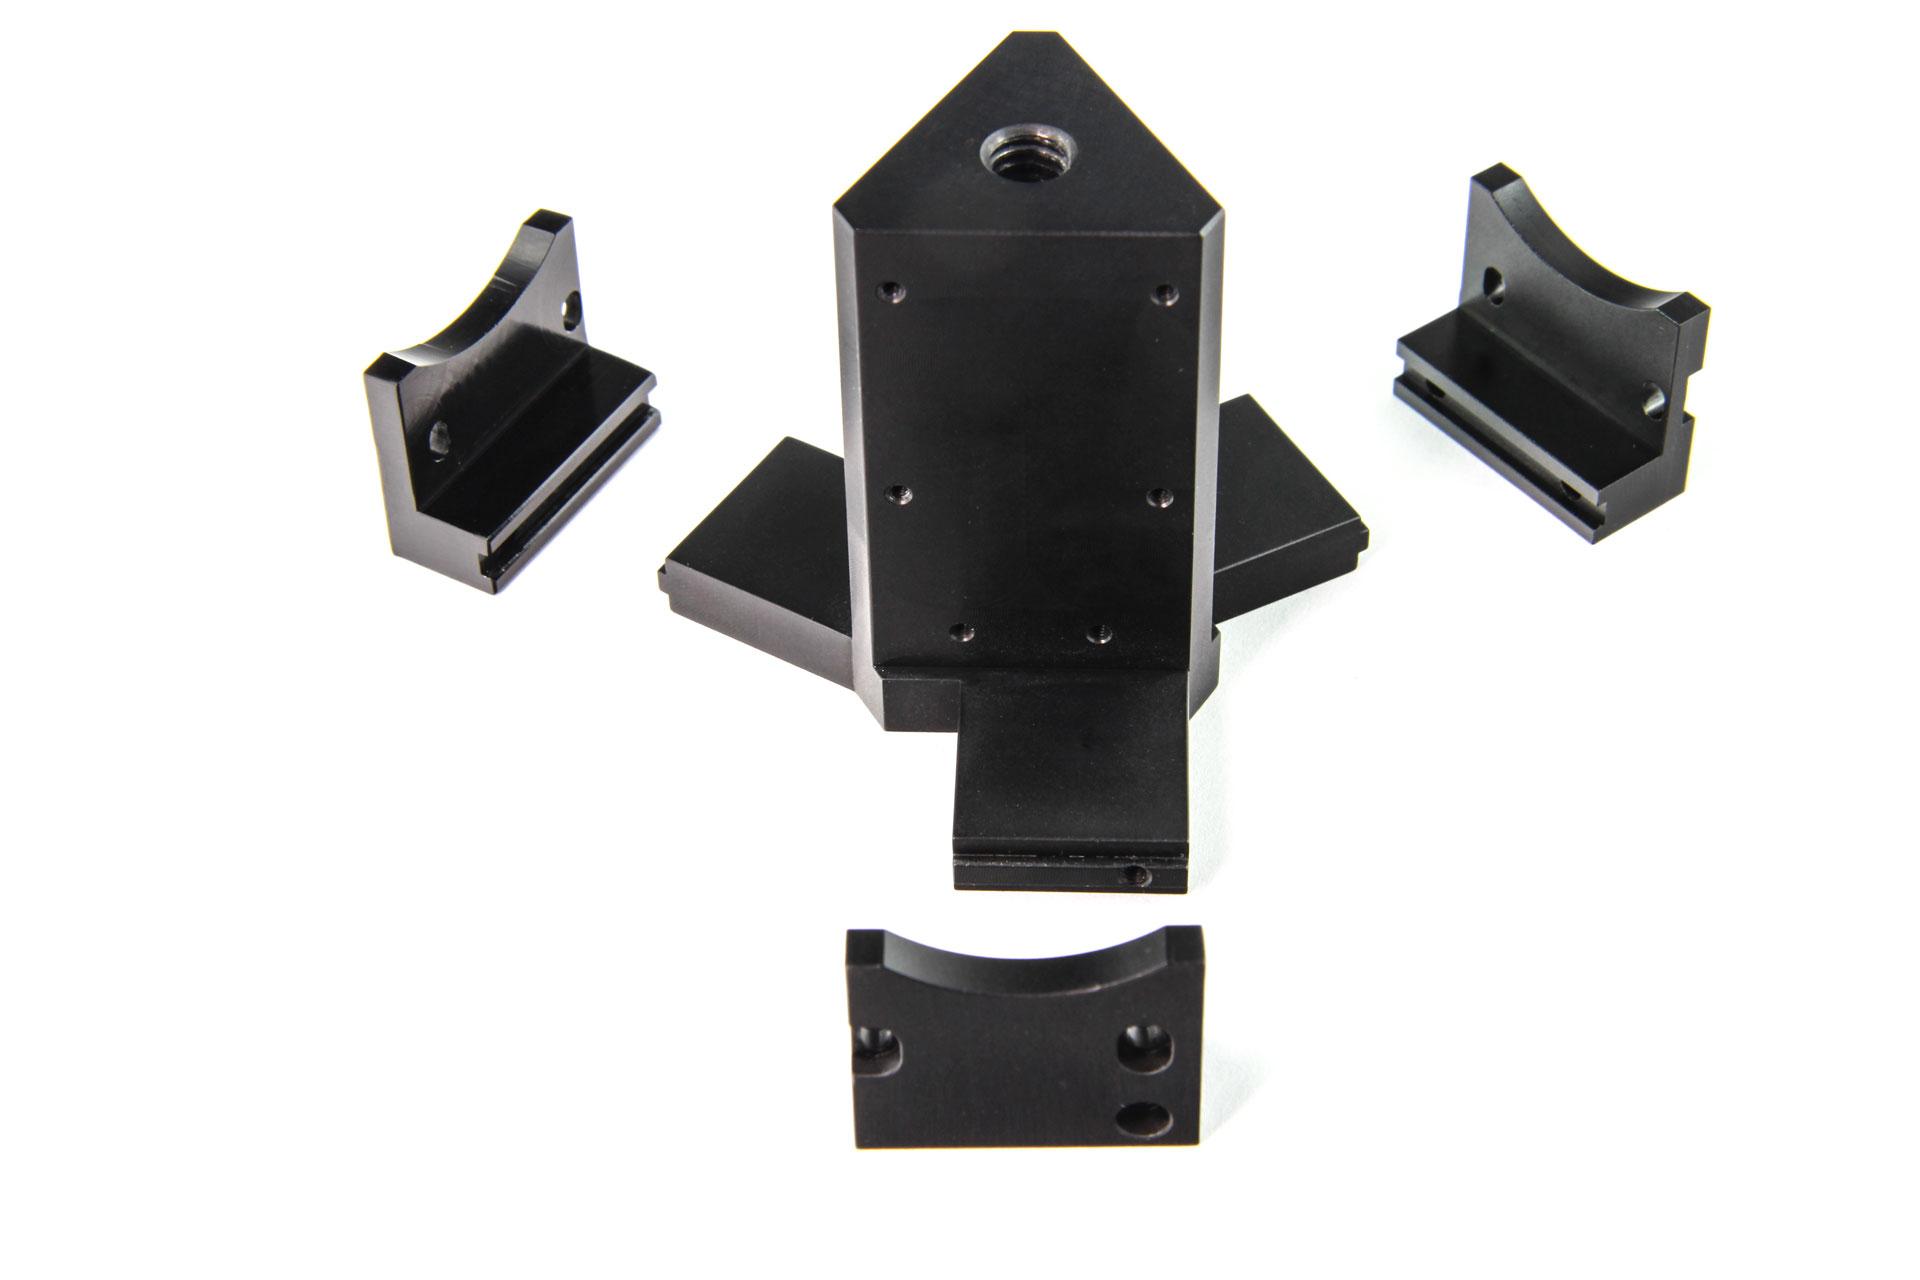 Ribcage 3x mount